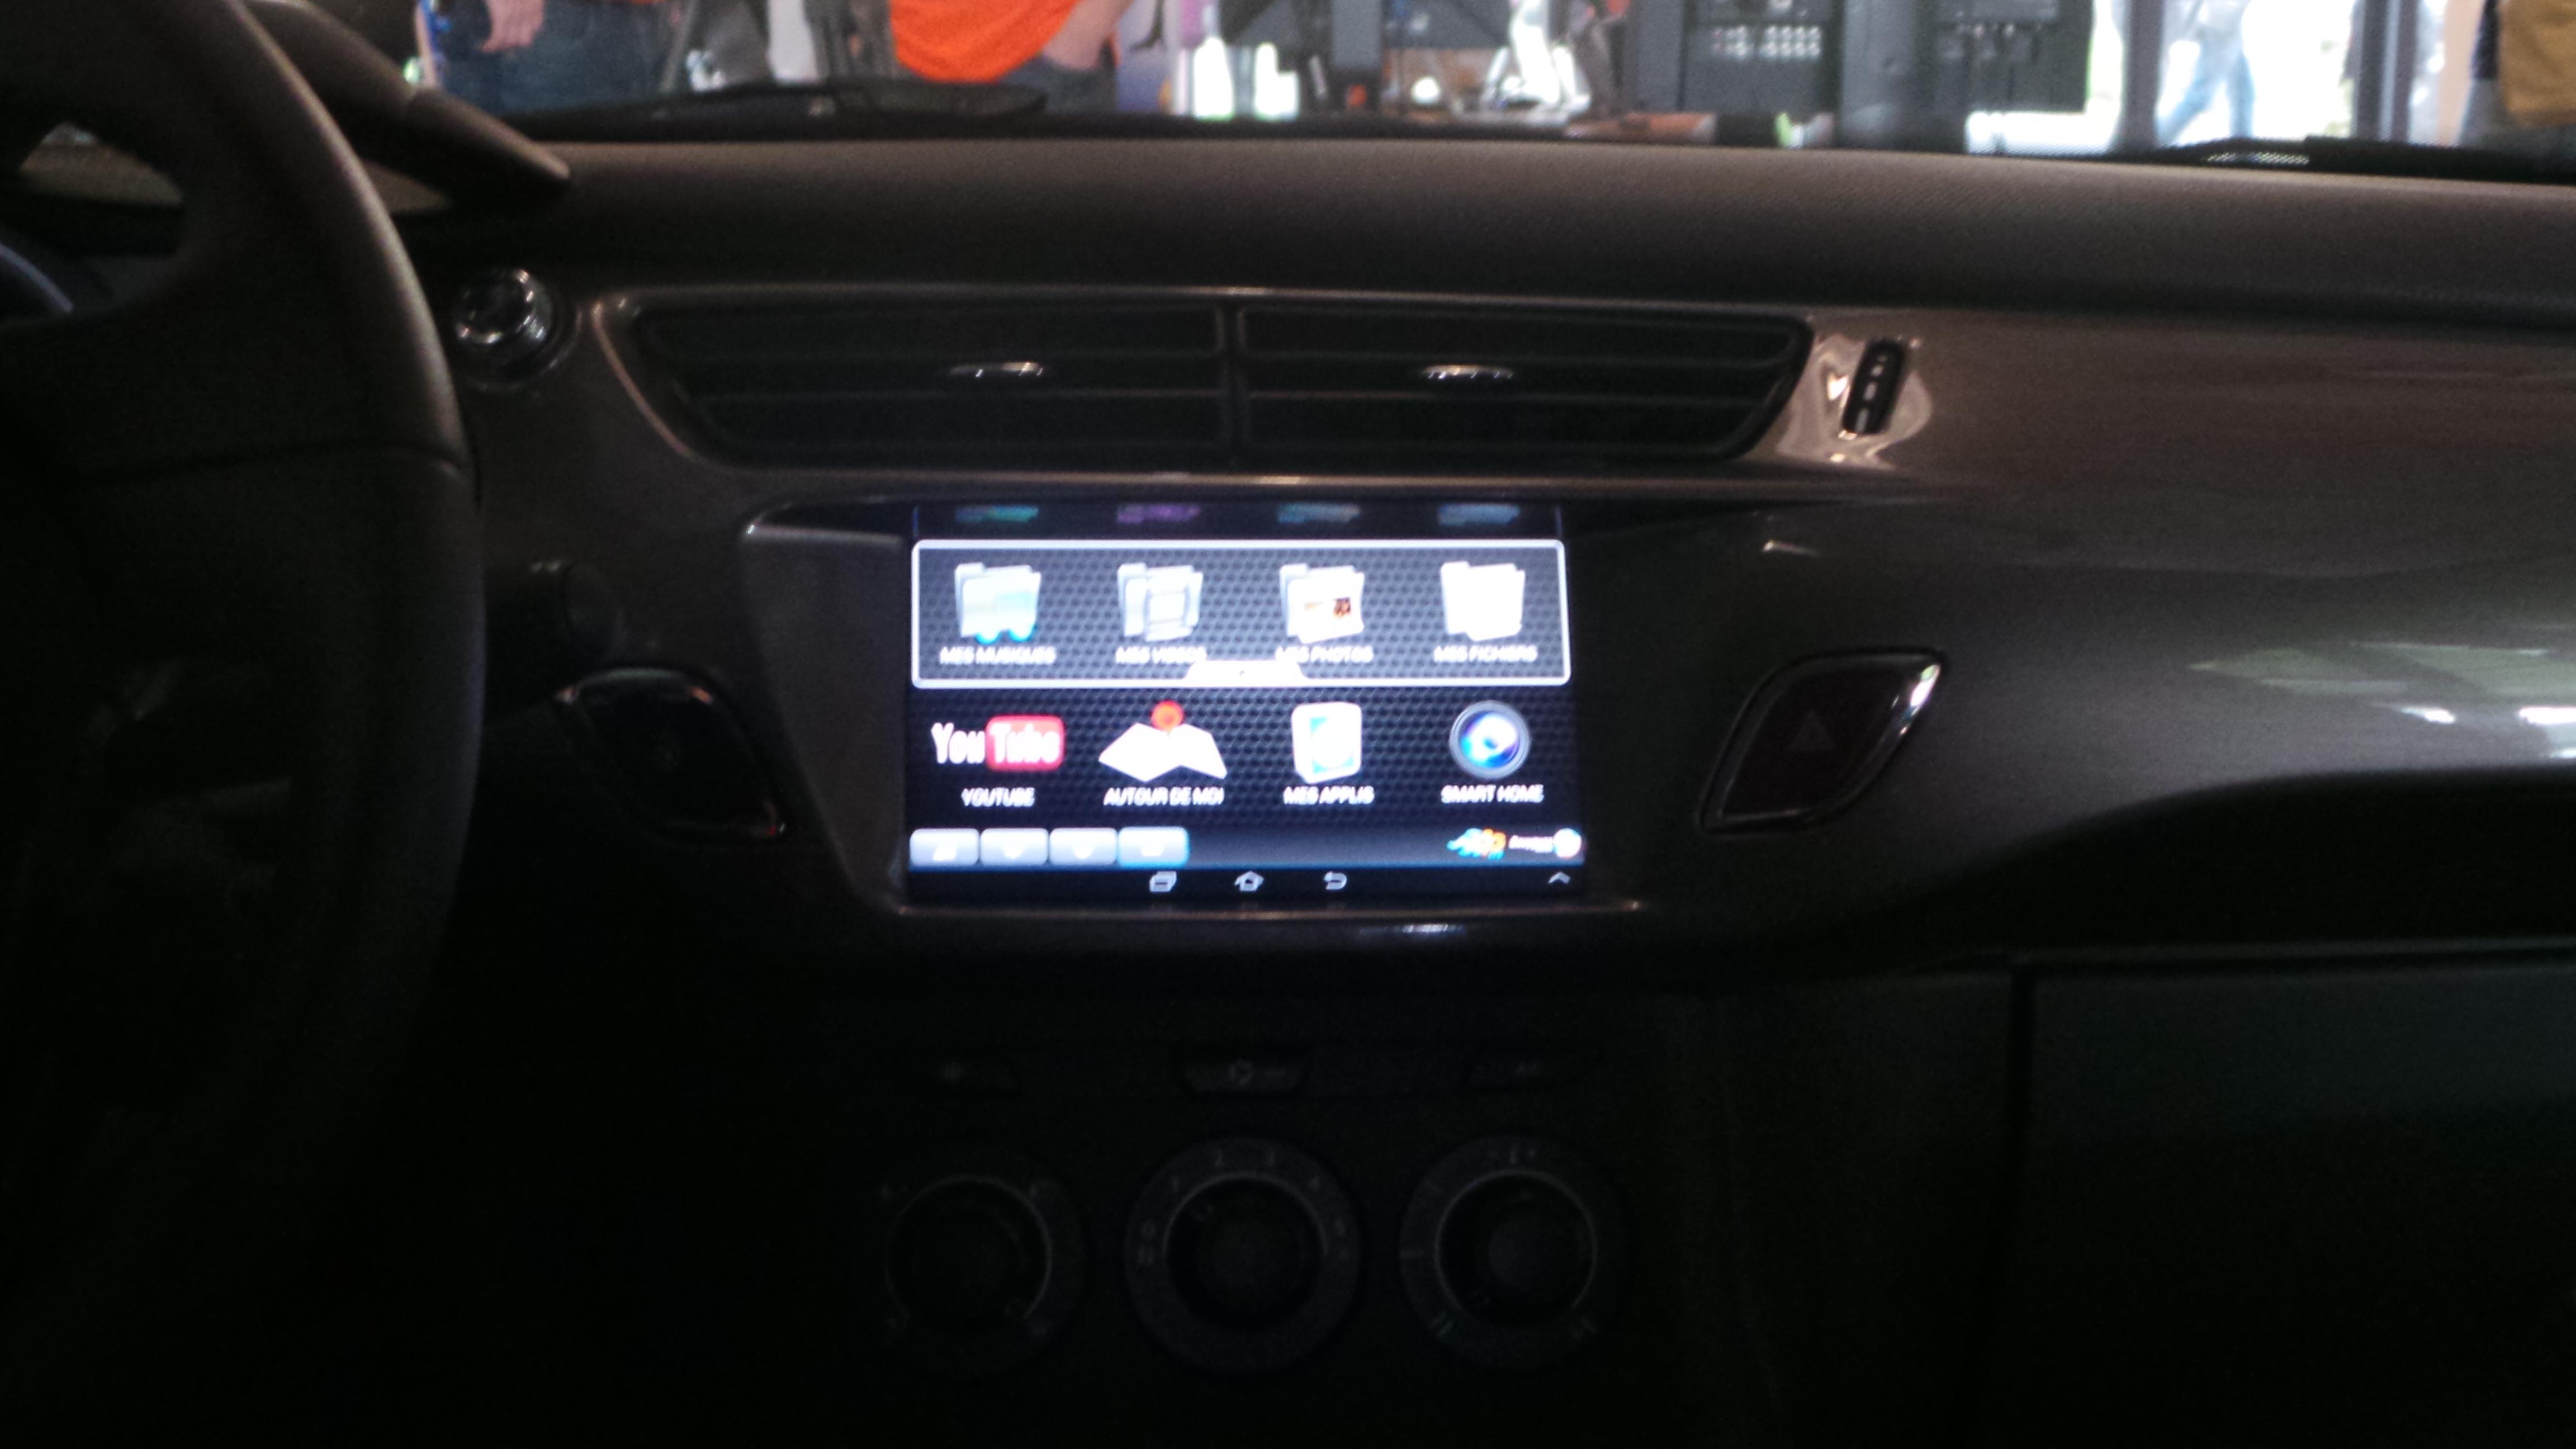 La voiture connectée 4G de Bouygues Telecom